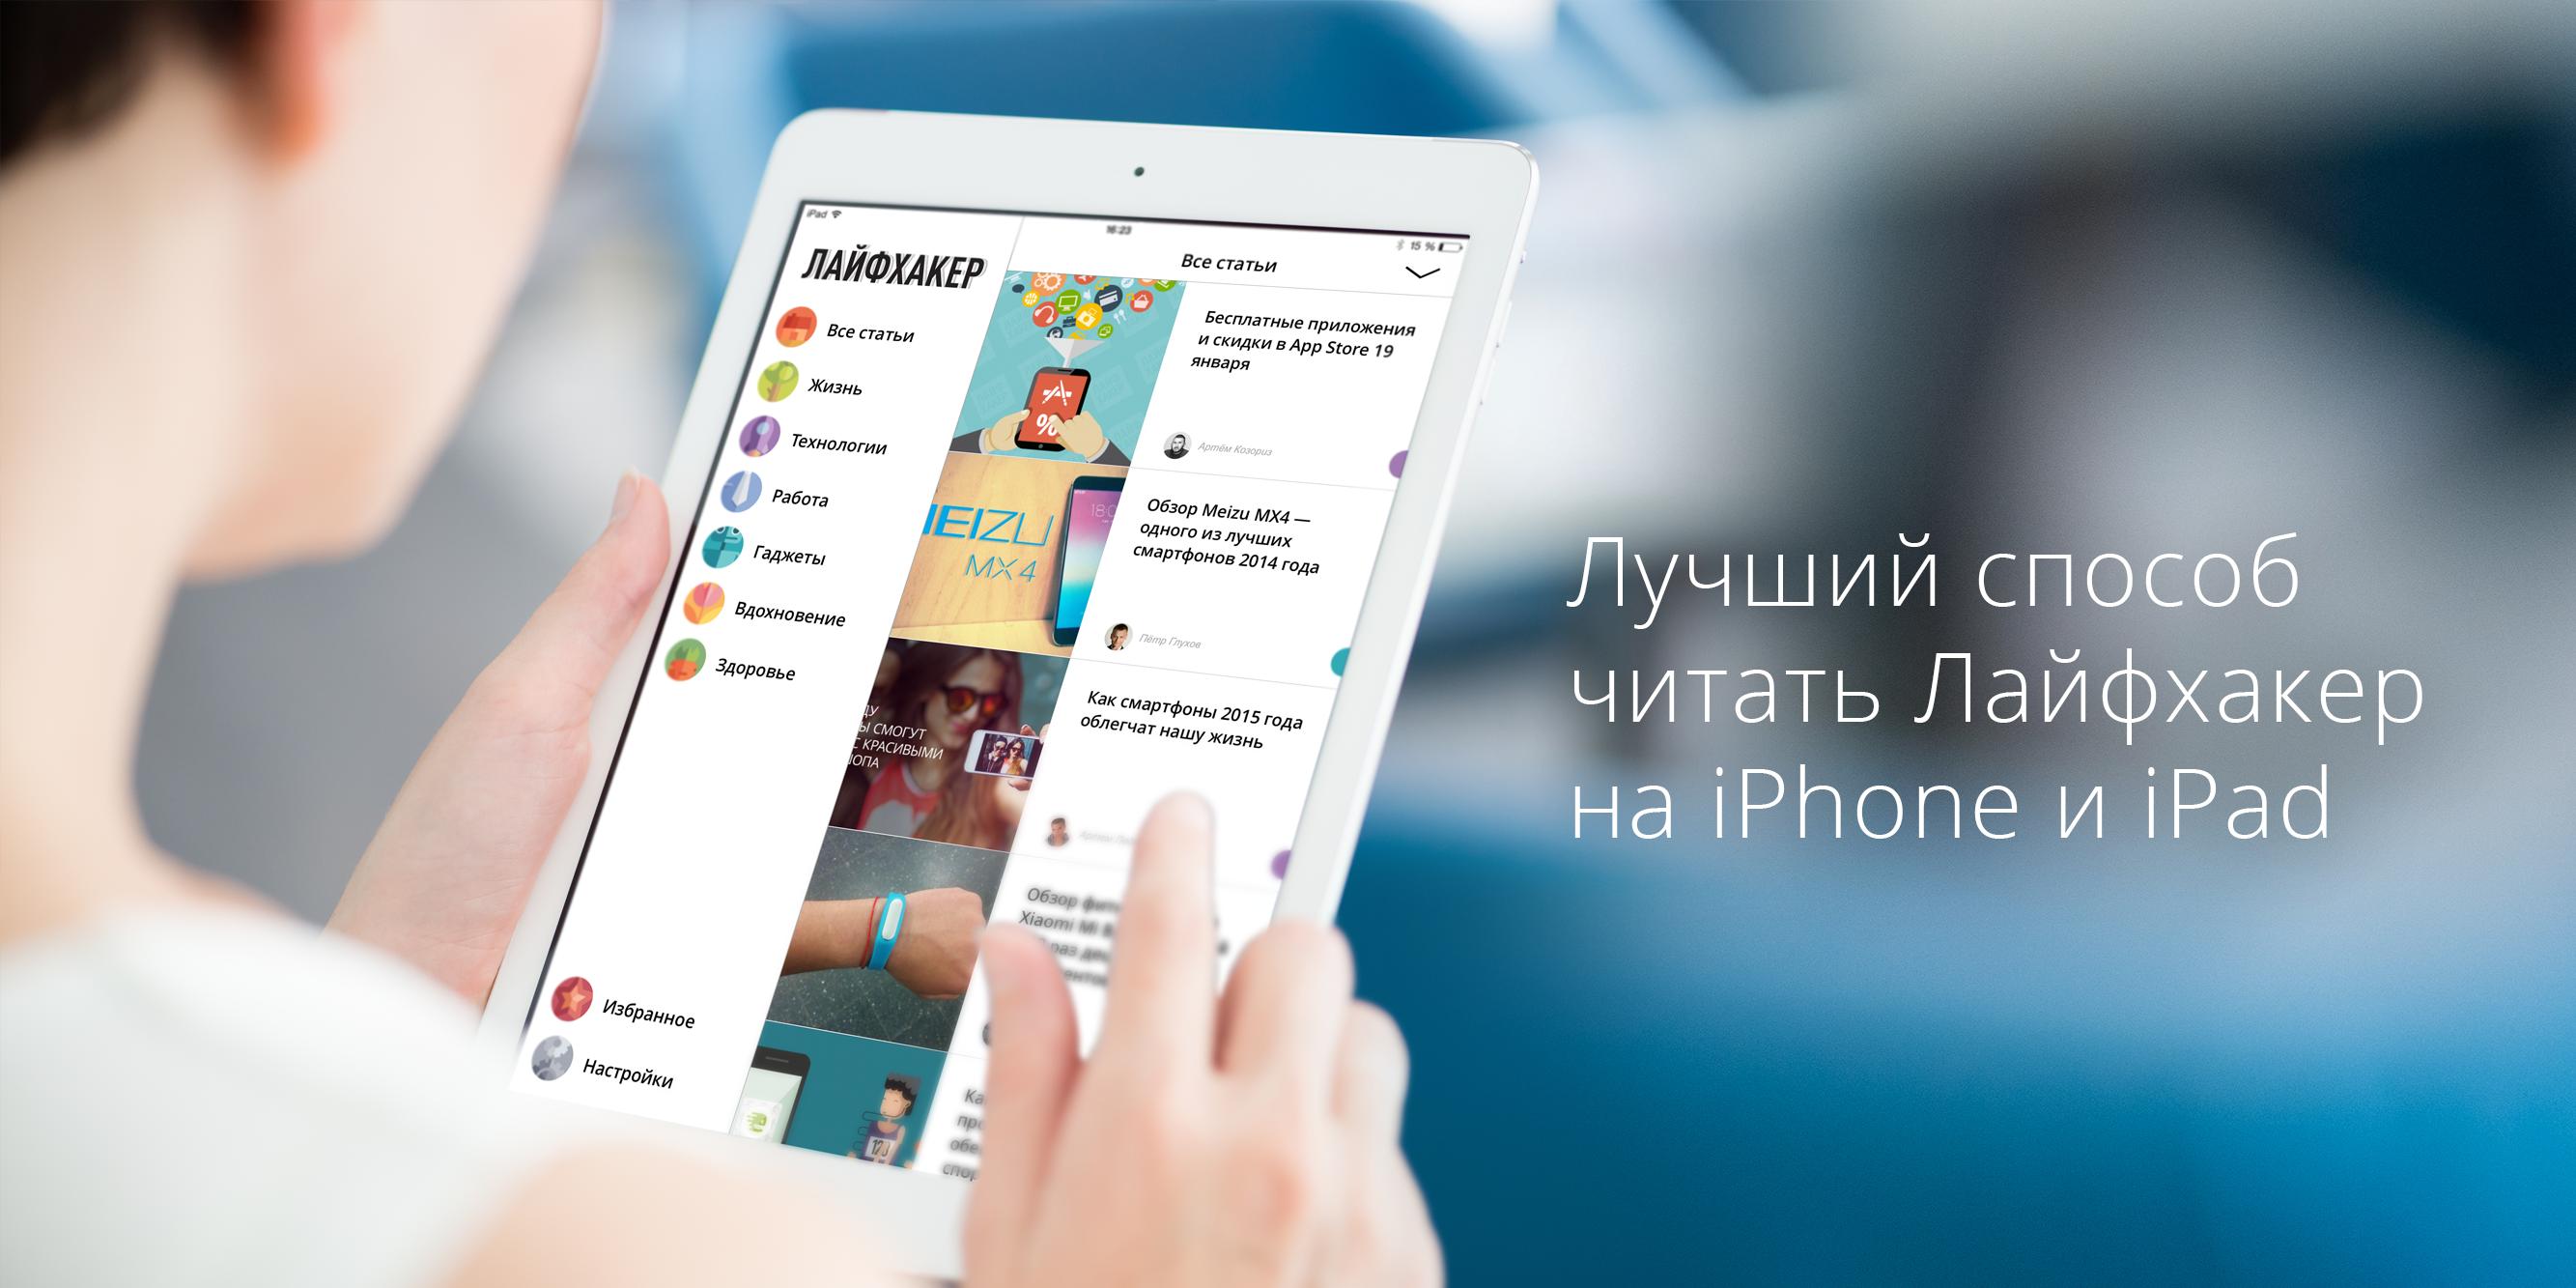 «Лайфхакер» выпустил официальное приложение для iOS